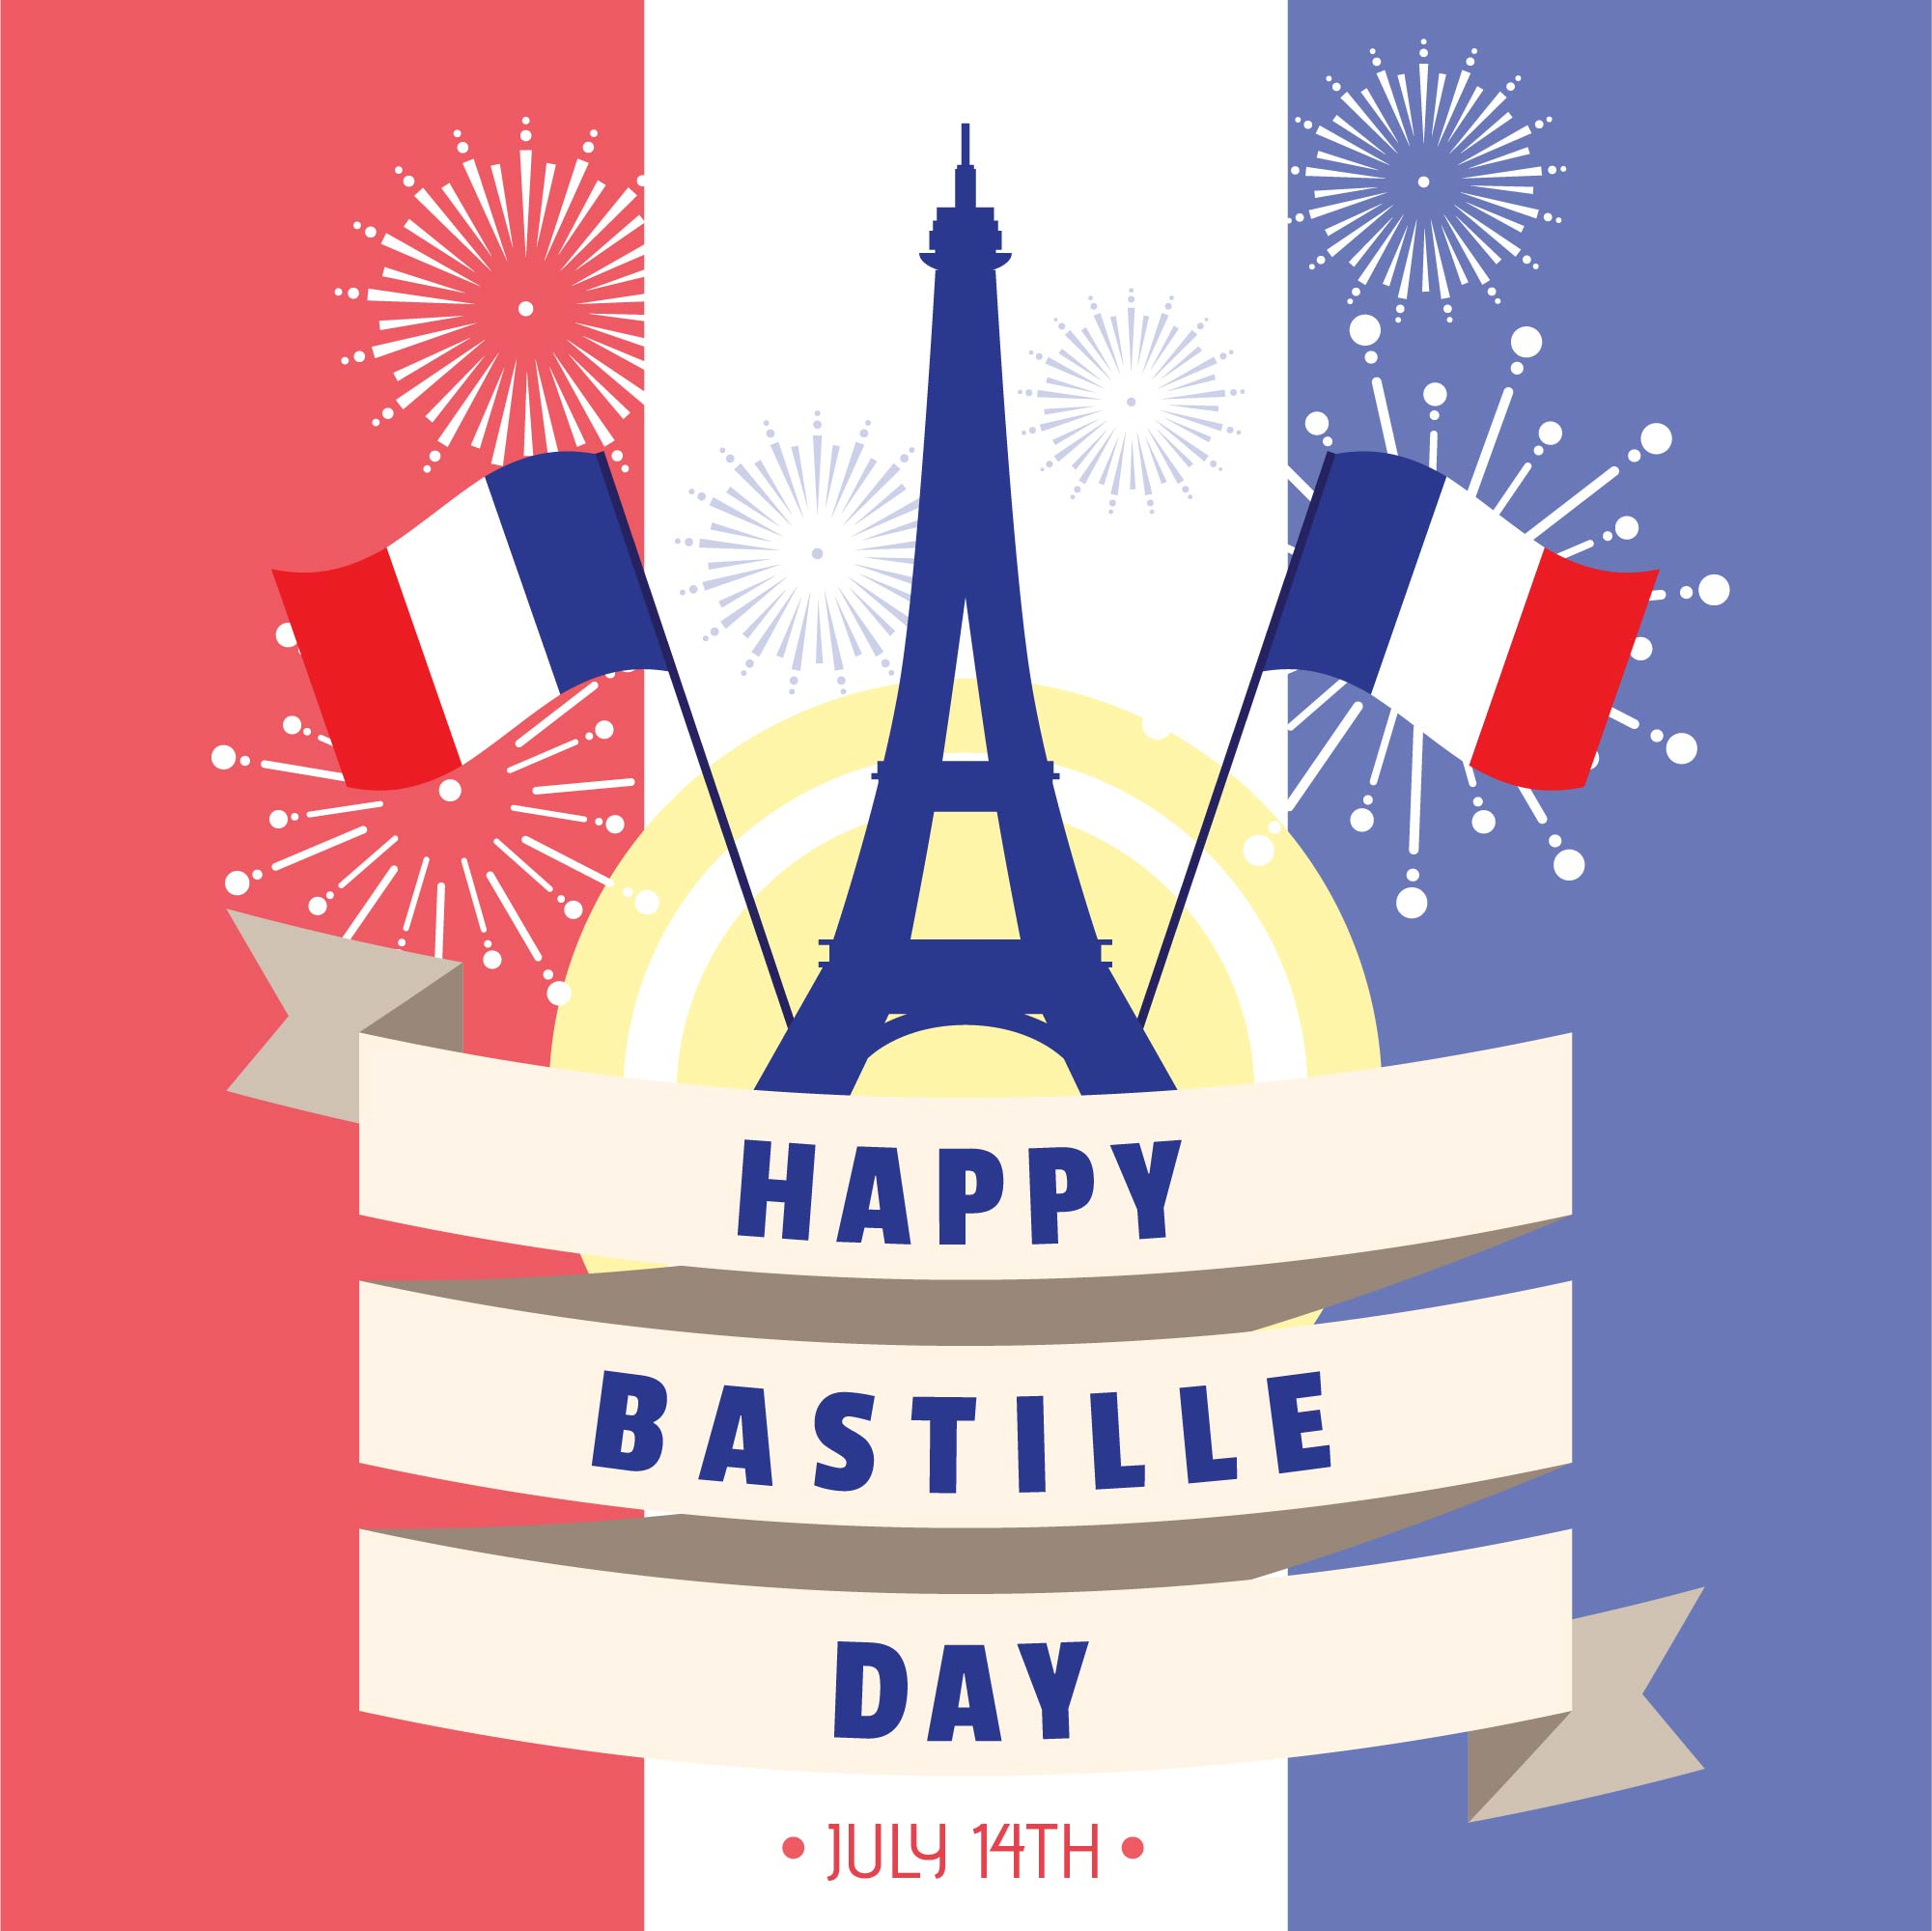 Frankrikes Nationaldag Ladda Ner Gratis Vektorgrafik Arkivgrafik Och Bilder